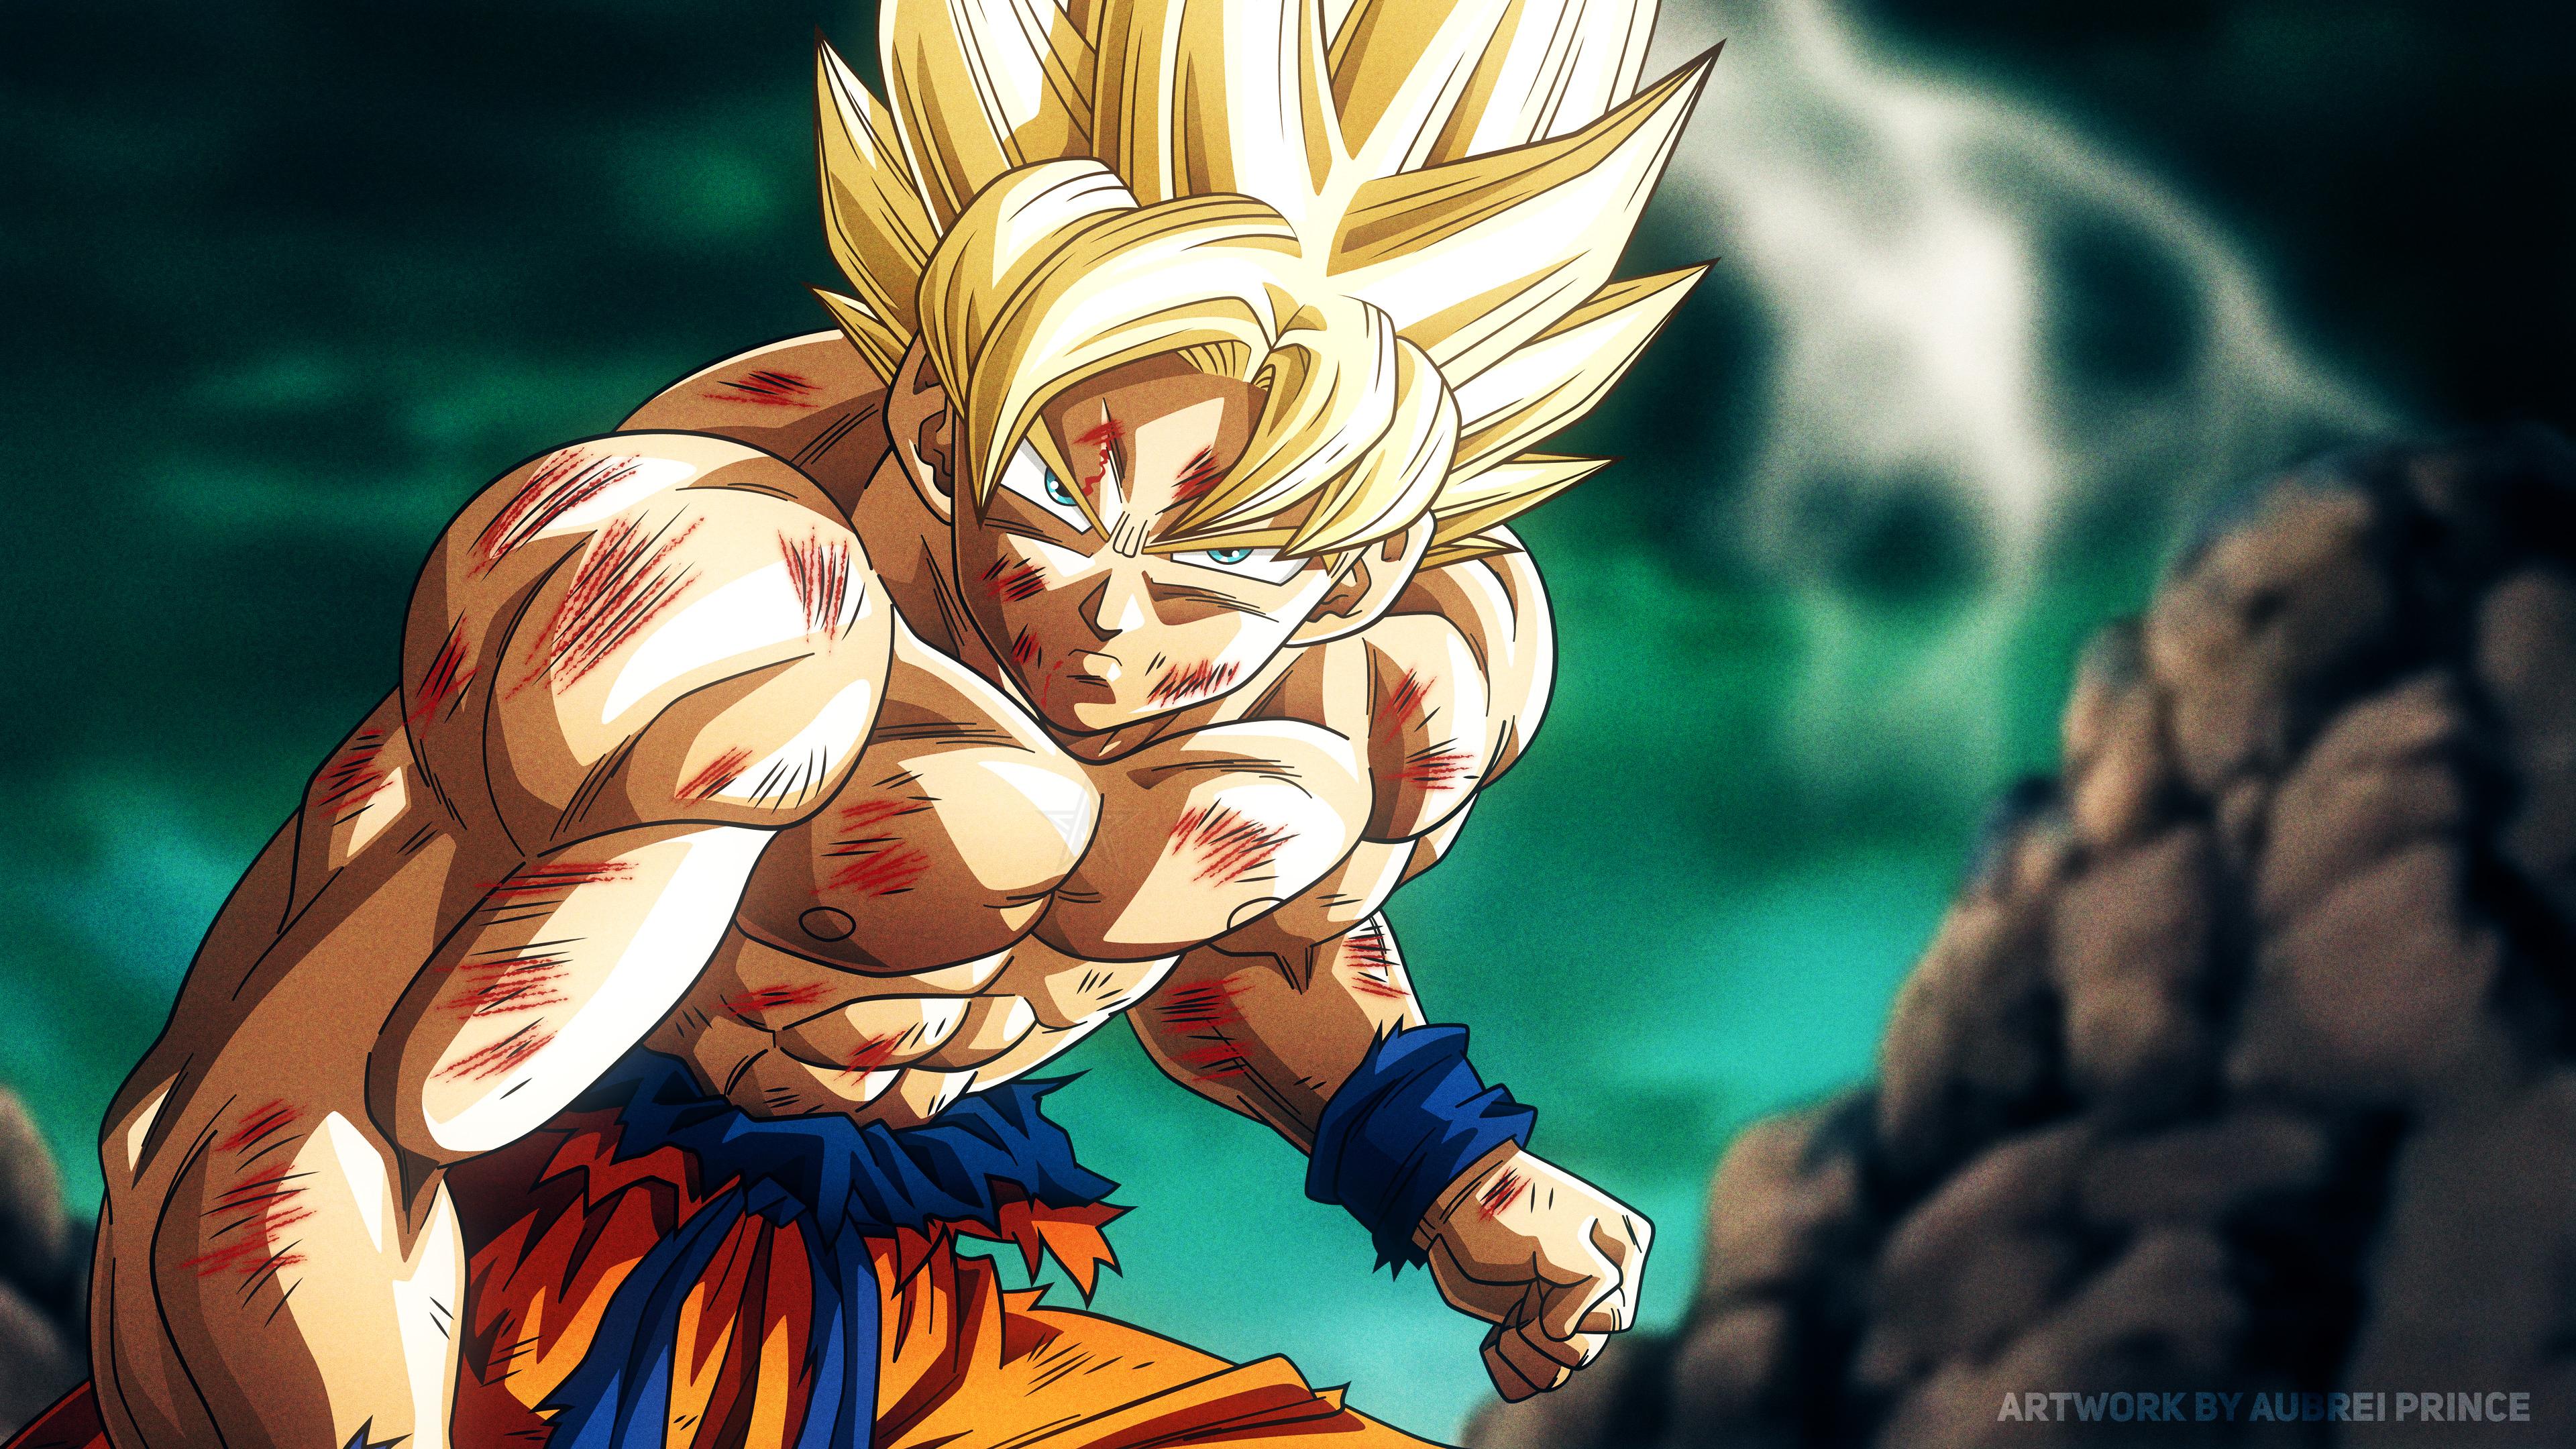 Super Saiyan Son Goku Dragon Ball Z 4k, HD Anime, 4k Wallpapers, Images, Backgrounds, Photos and ...